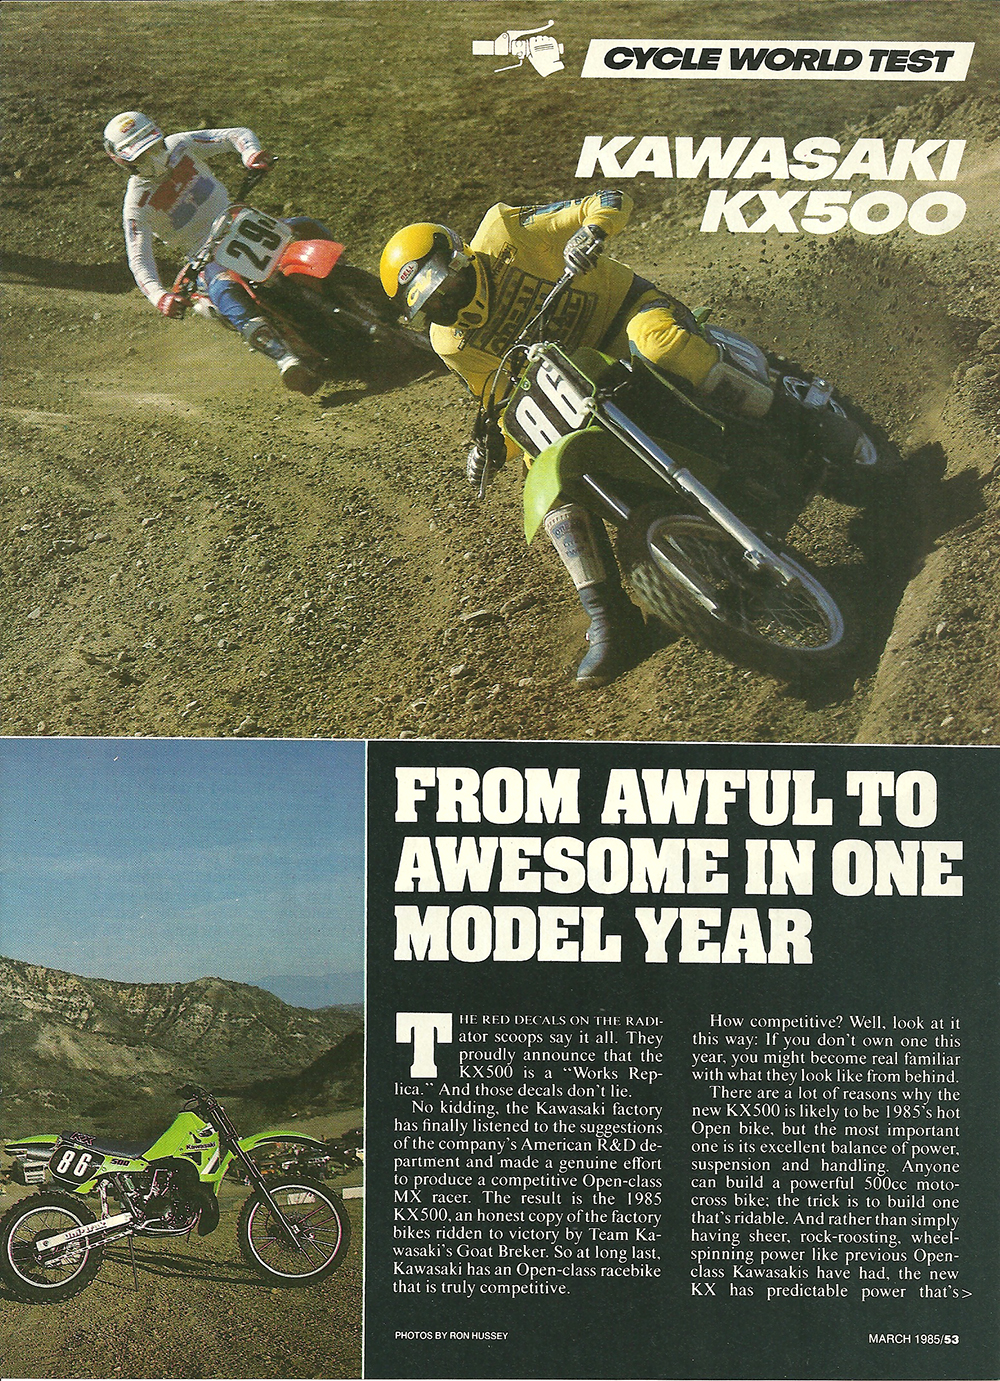 1985 Kawasaki KX500 road test 02.jpg